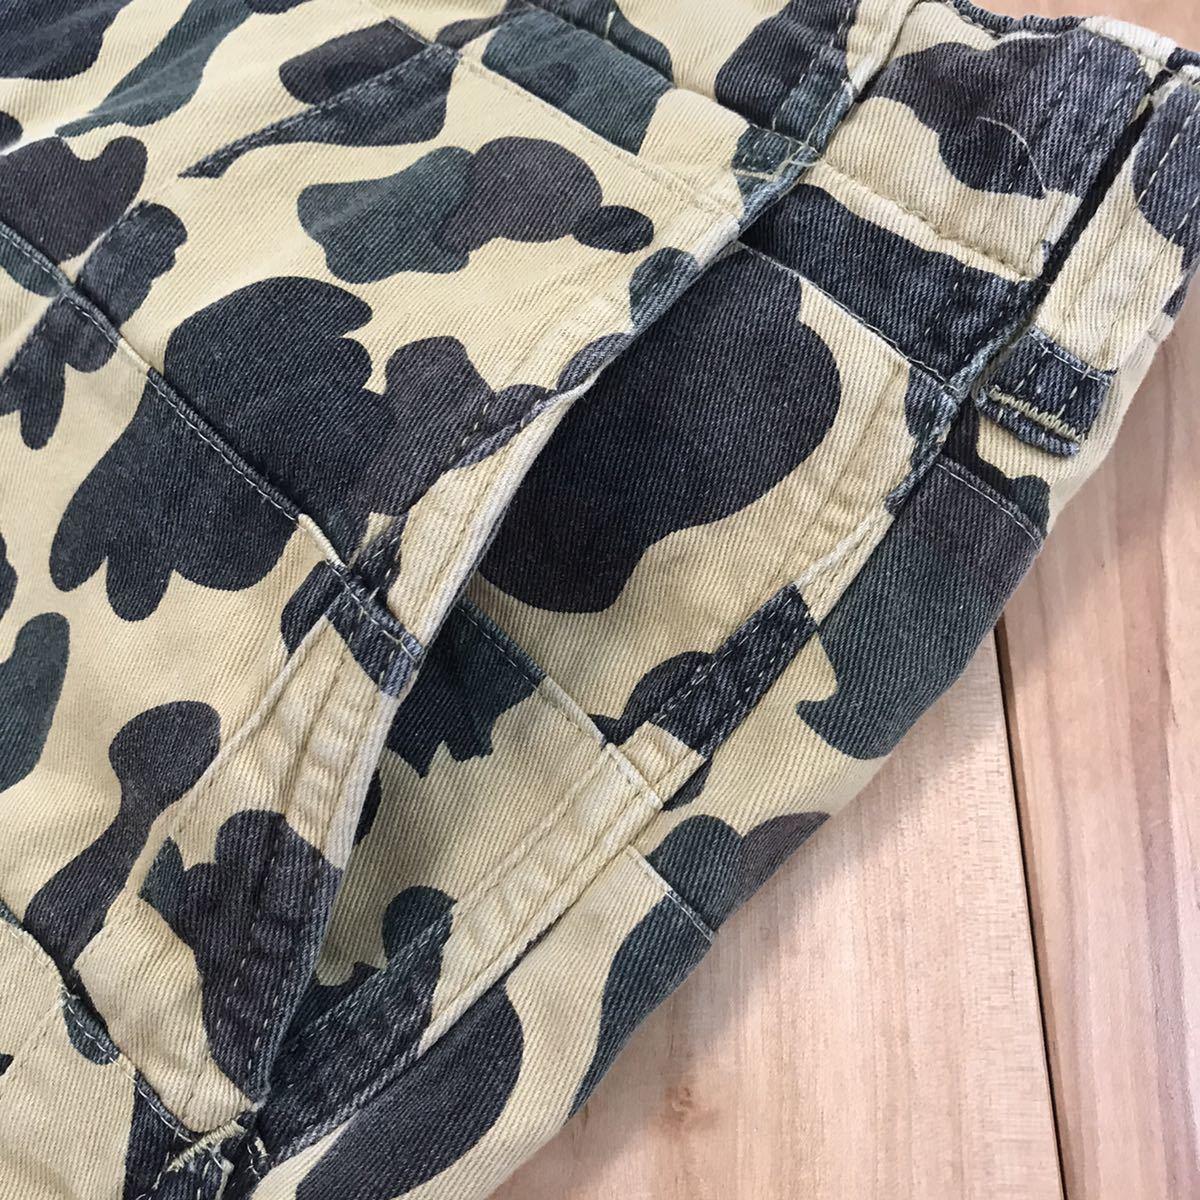 パッチワーク 1st camo yellow ハーフパンツ Sサイズ a bathing ape bape shorts エイプ ベイプ アベイシングエイプ ショーツ 迷彩 285